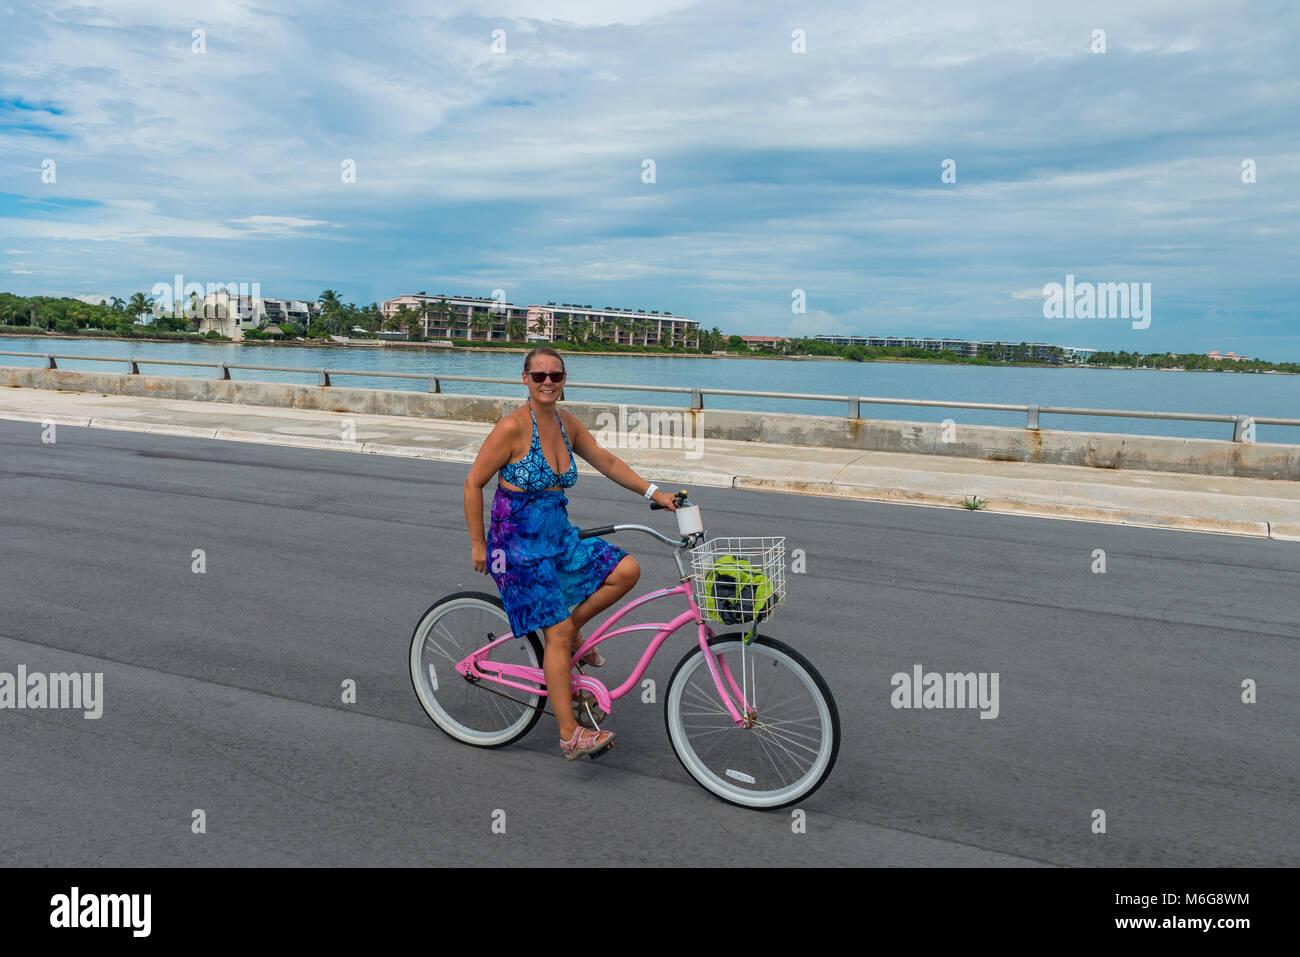 USA, Florida, Key West, solskensstaten, semester, varmt, soligt, fritid, njuta, ledighet, minnesmärken, Sunshine, Stock Photo